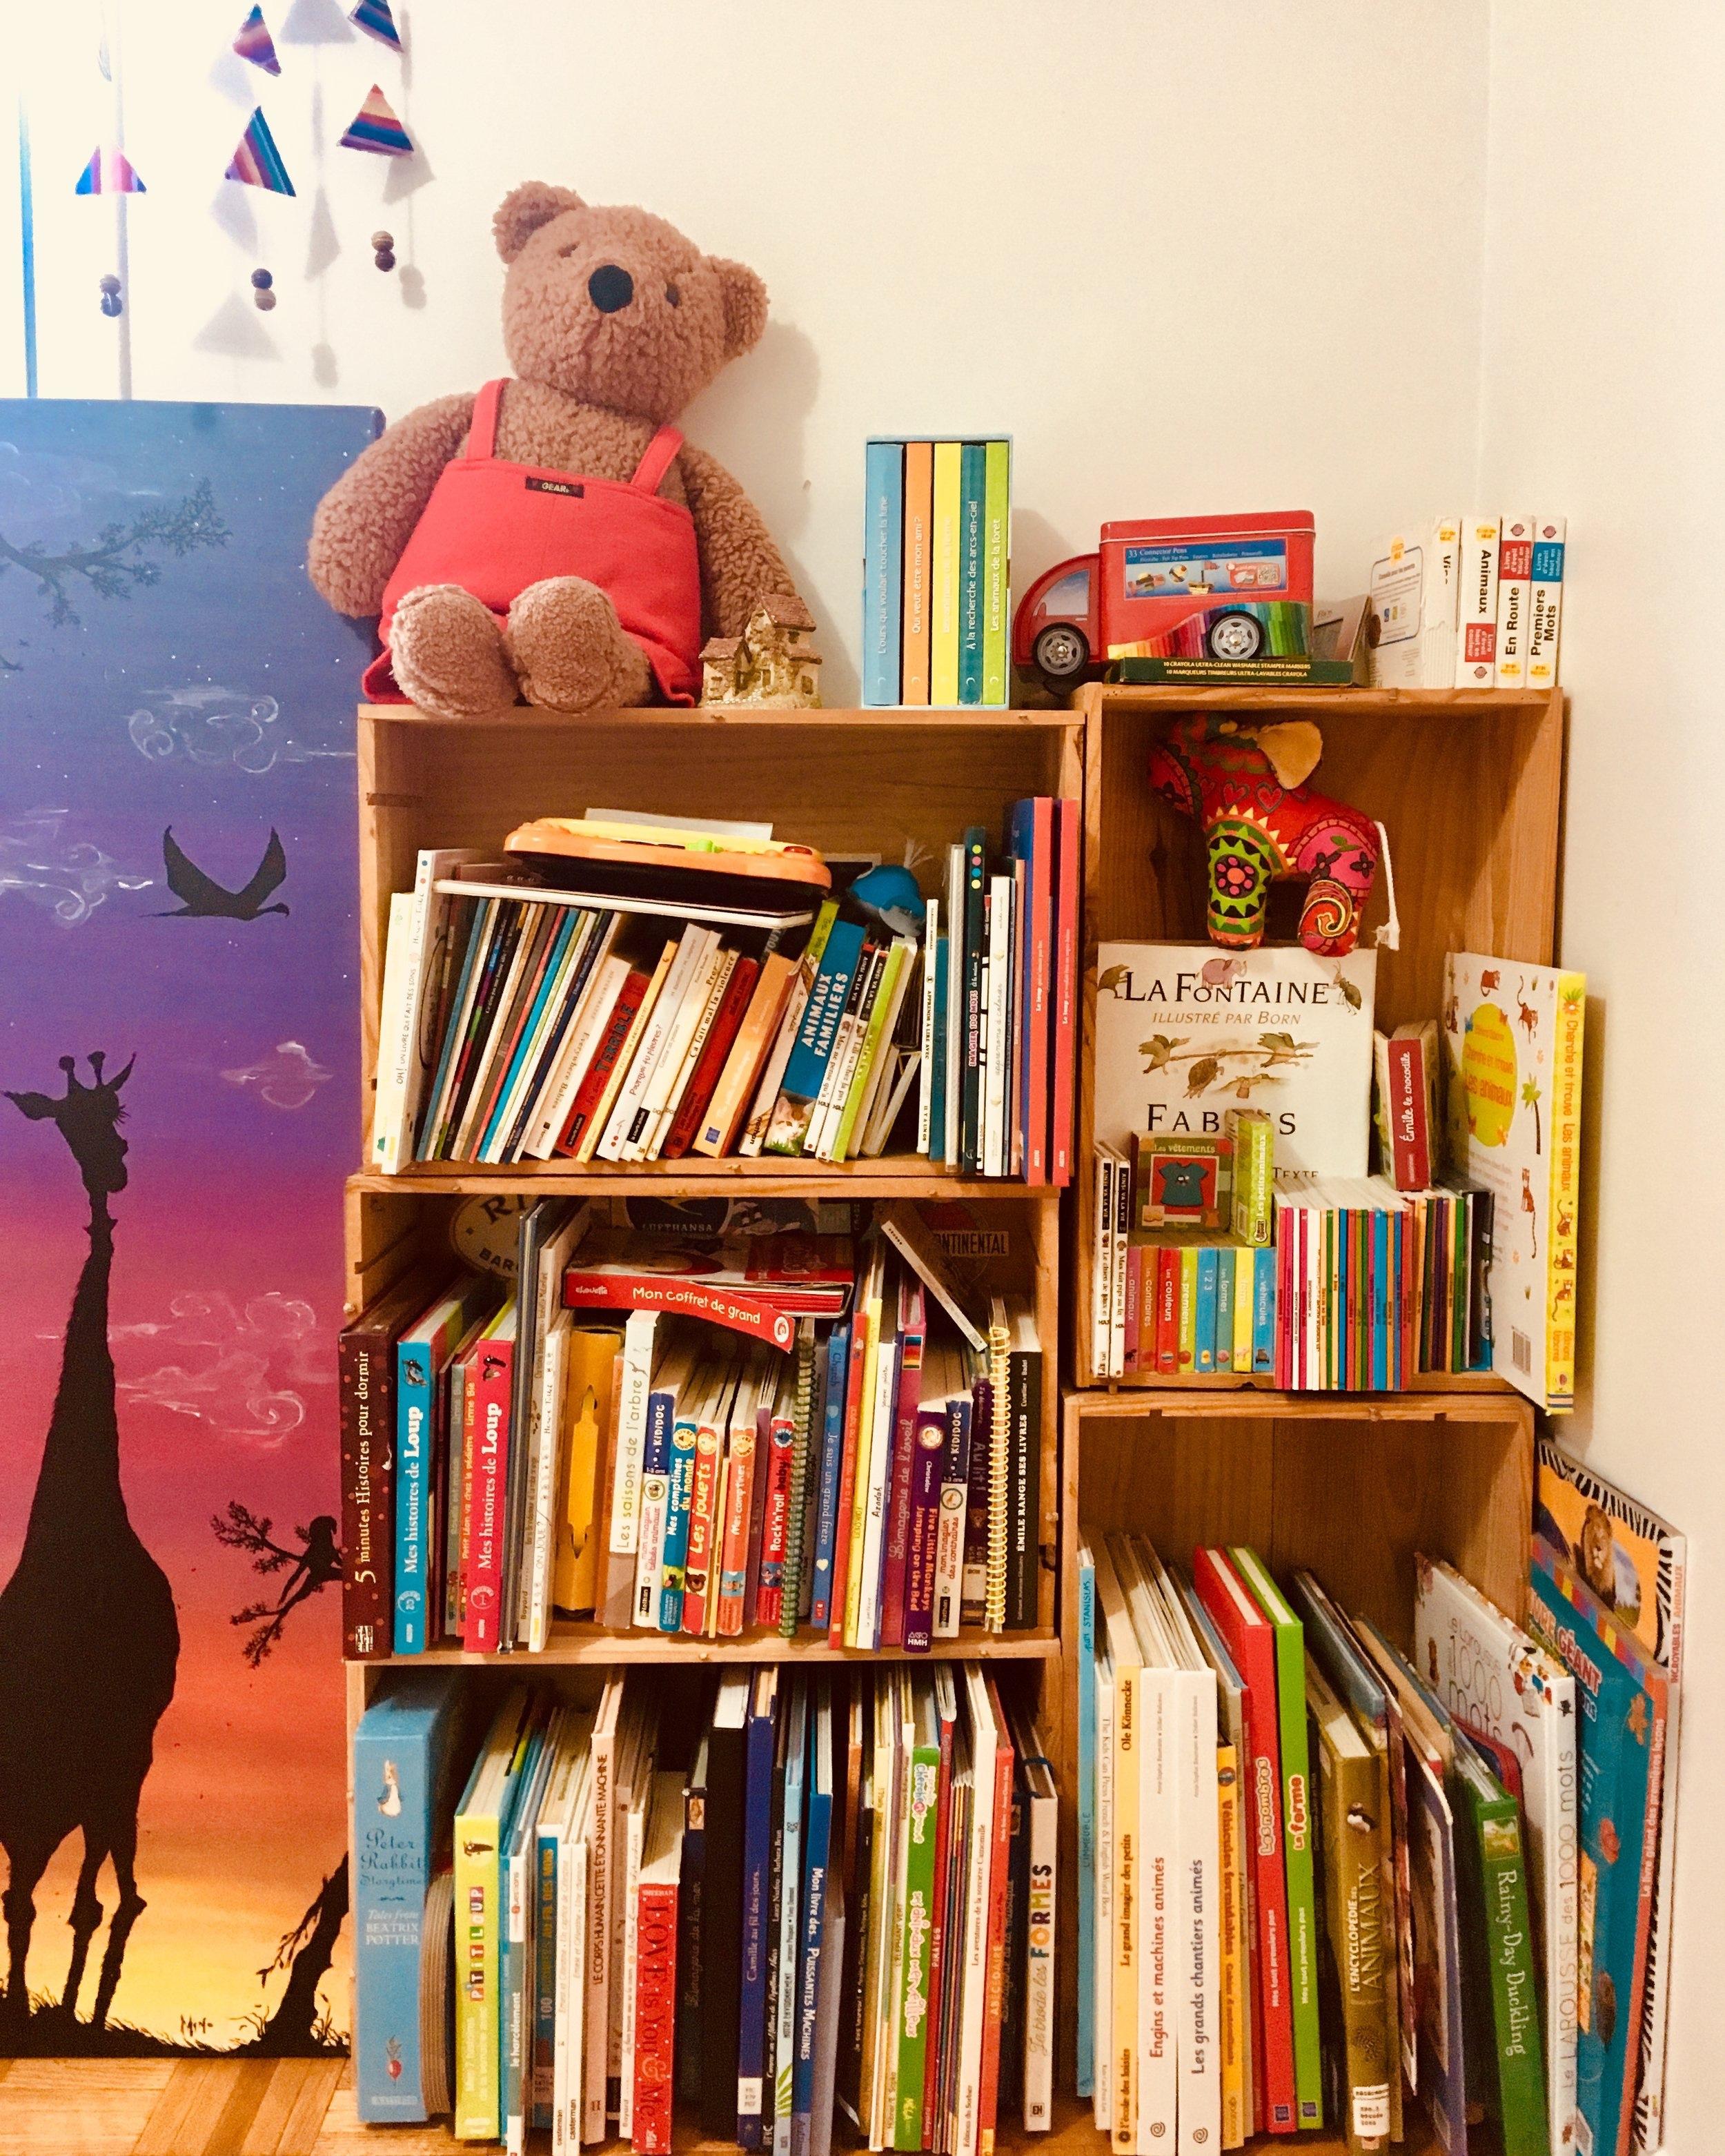 Kiosques - La librairie Les Passages, les bibliothèques ainsi que certaines maisons d'éditions seront sur place tout au long de la journée pour vous présenter leurs coups de coeur littéraires et vous faire rencontrer des auteurs et autrices de la littérature jeunesse.